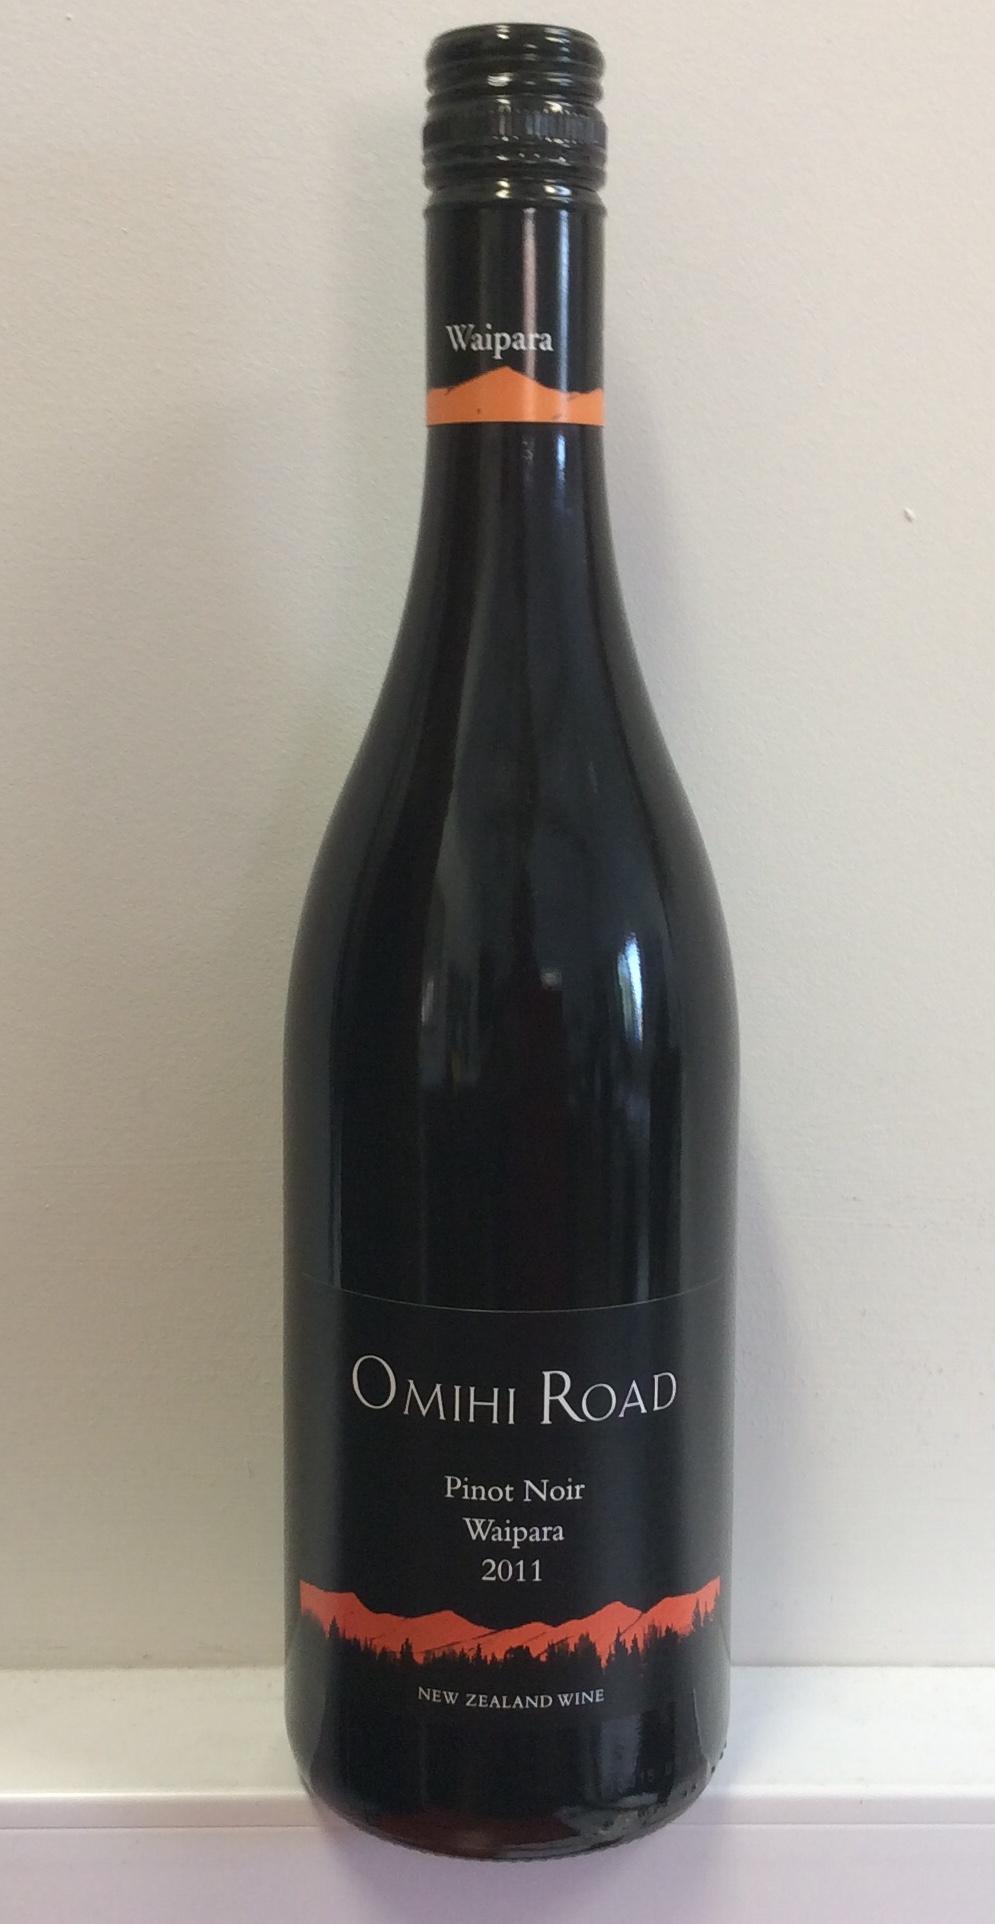 Omihi Road Pinot Noir